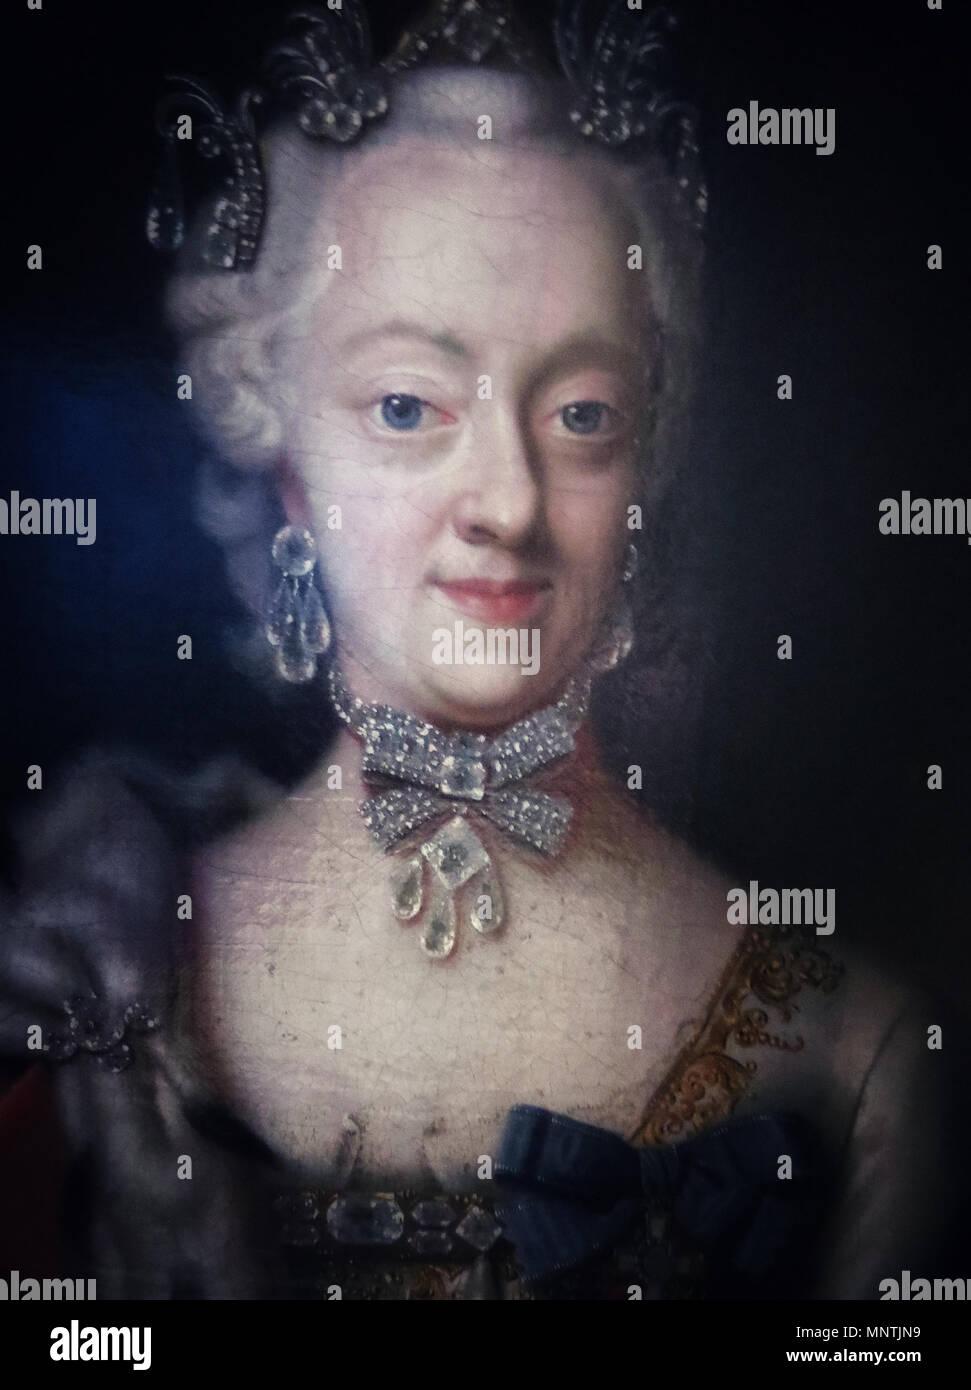 Amalie Wichmann Hot 18th og stock photos & 18th og stock images - alamy